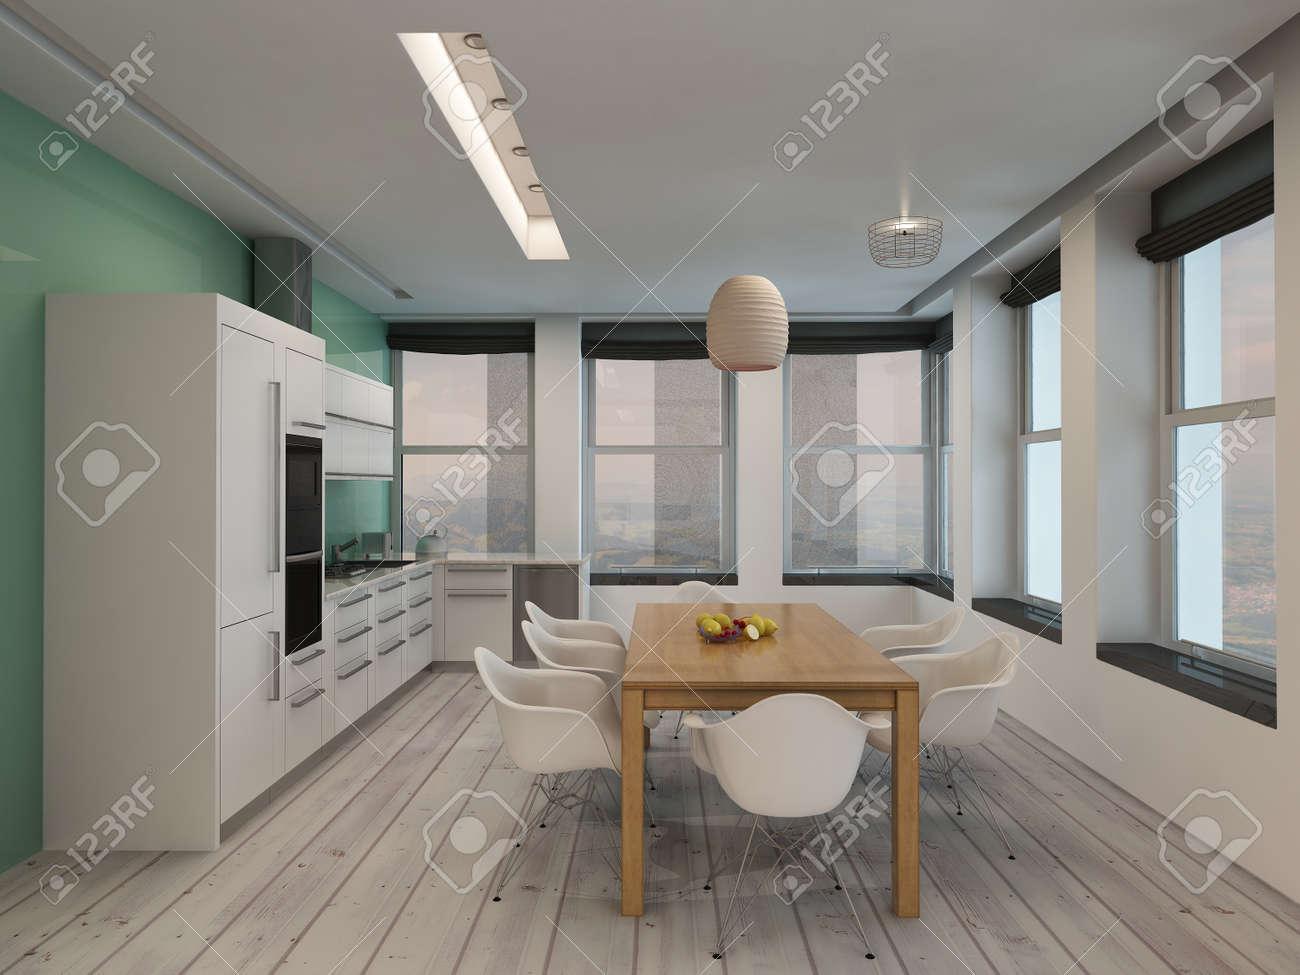 Awesome Sala E Cucina Open-space Photos - Ideas & Design 2017 ...